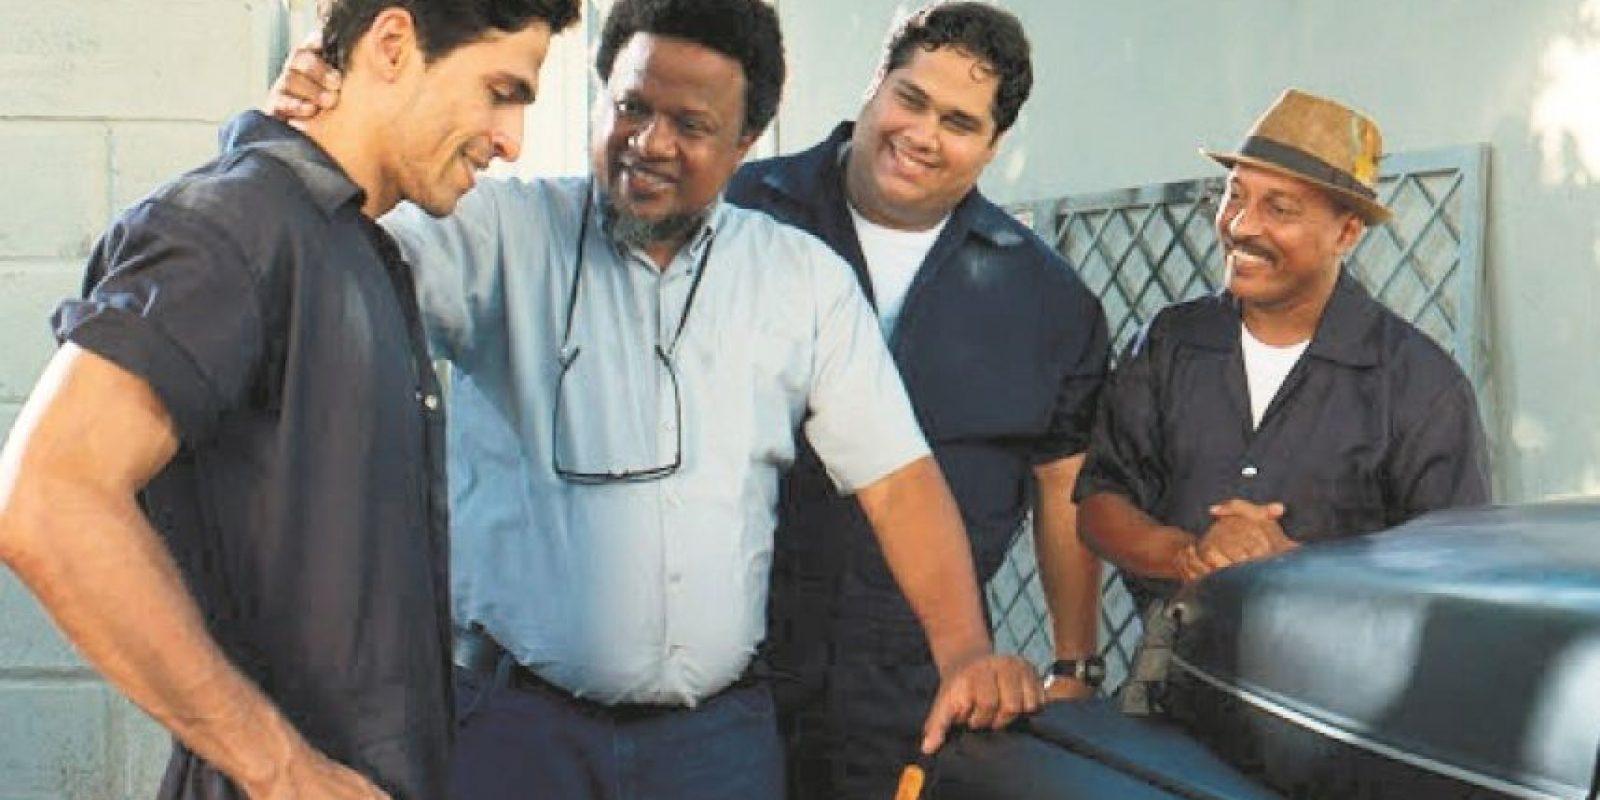 Aquiles Correa, en su primer papel fuera de una comedia. Foto:Fuente externa